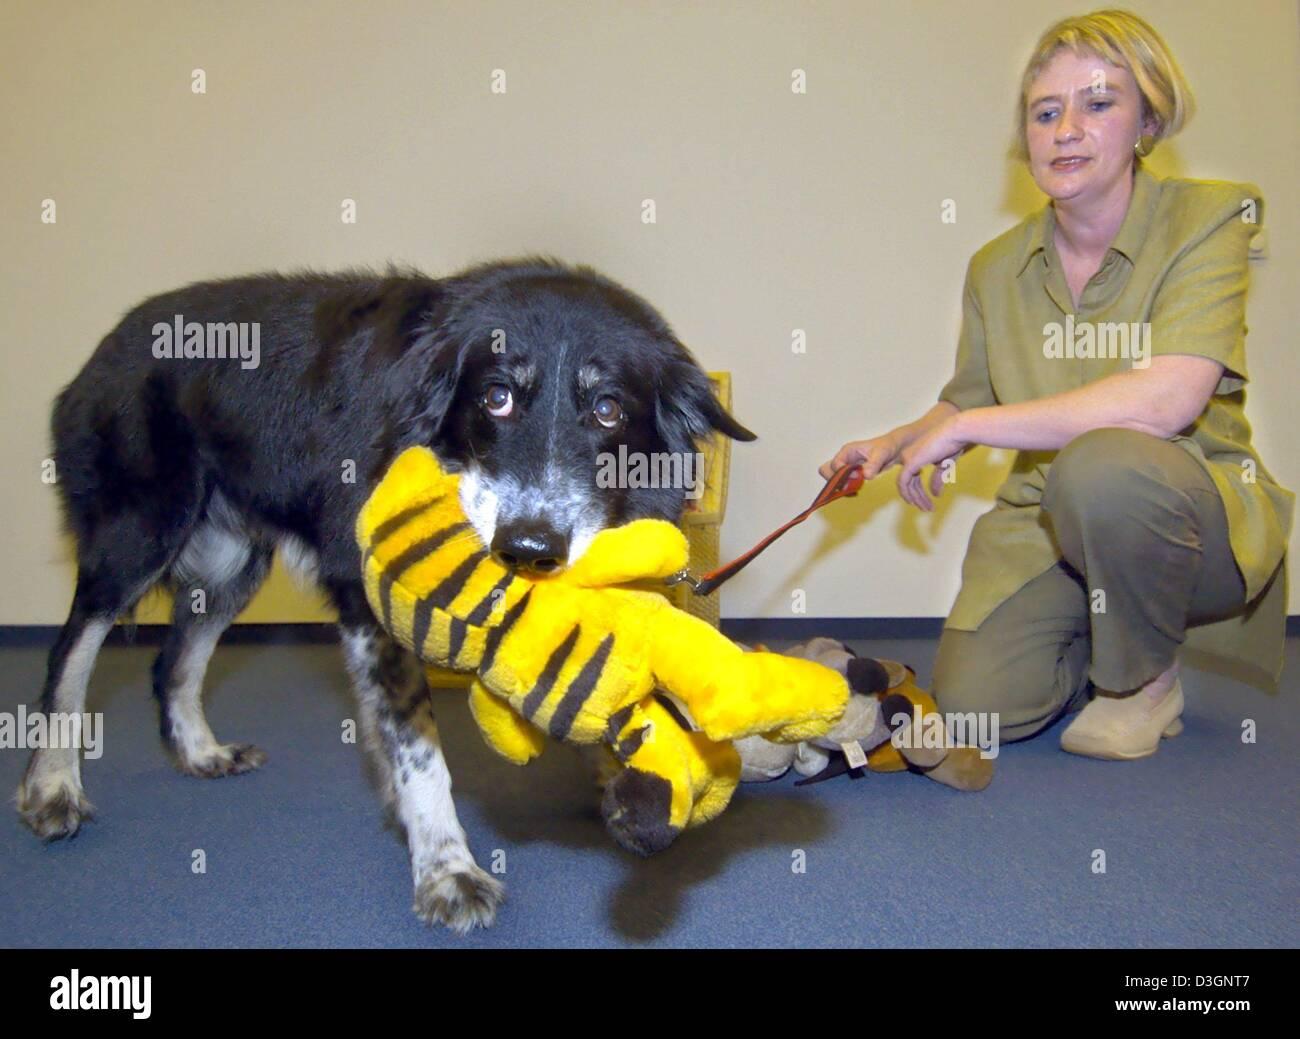 (Afp) - Dog Rico apporte son propriétaire Susanne Baus (R) une peluche dans un appartement à Berlin, le Photo Stock